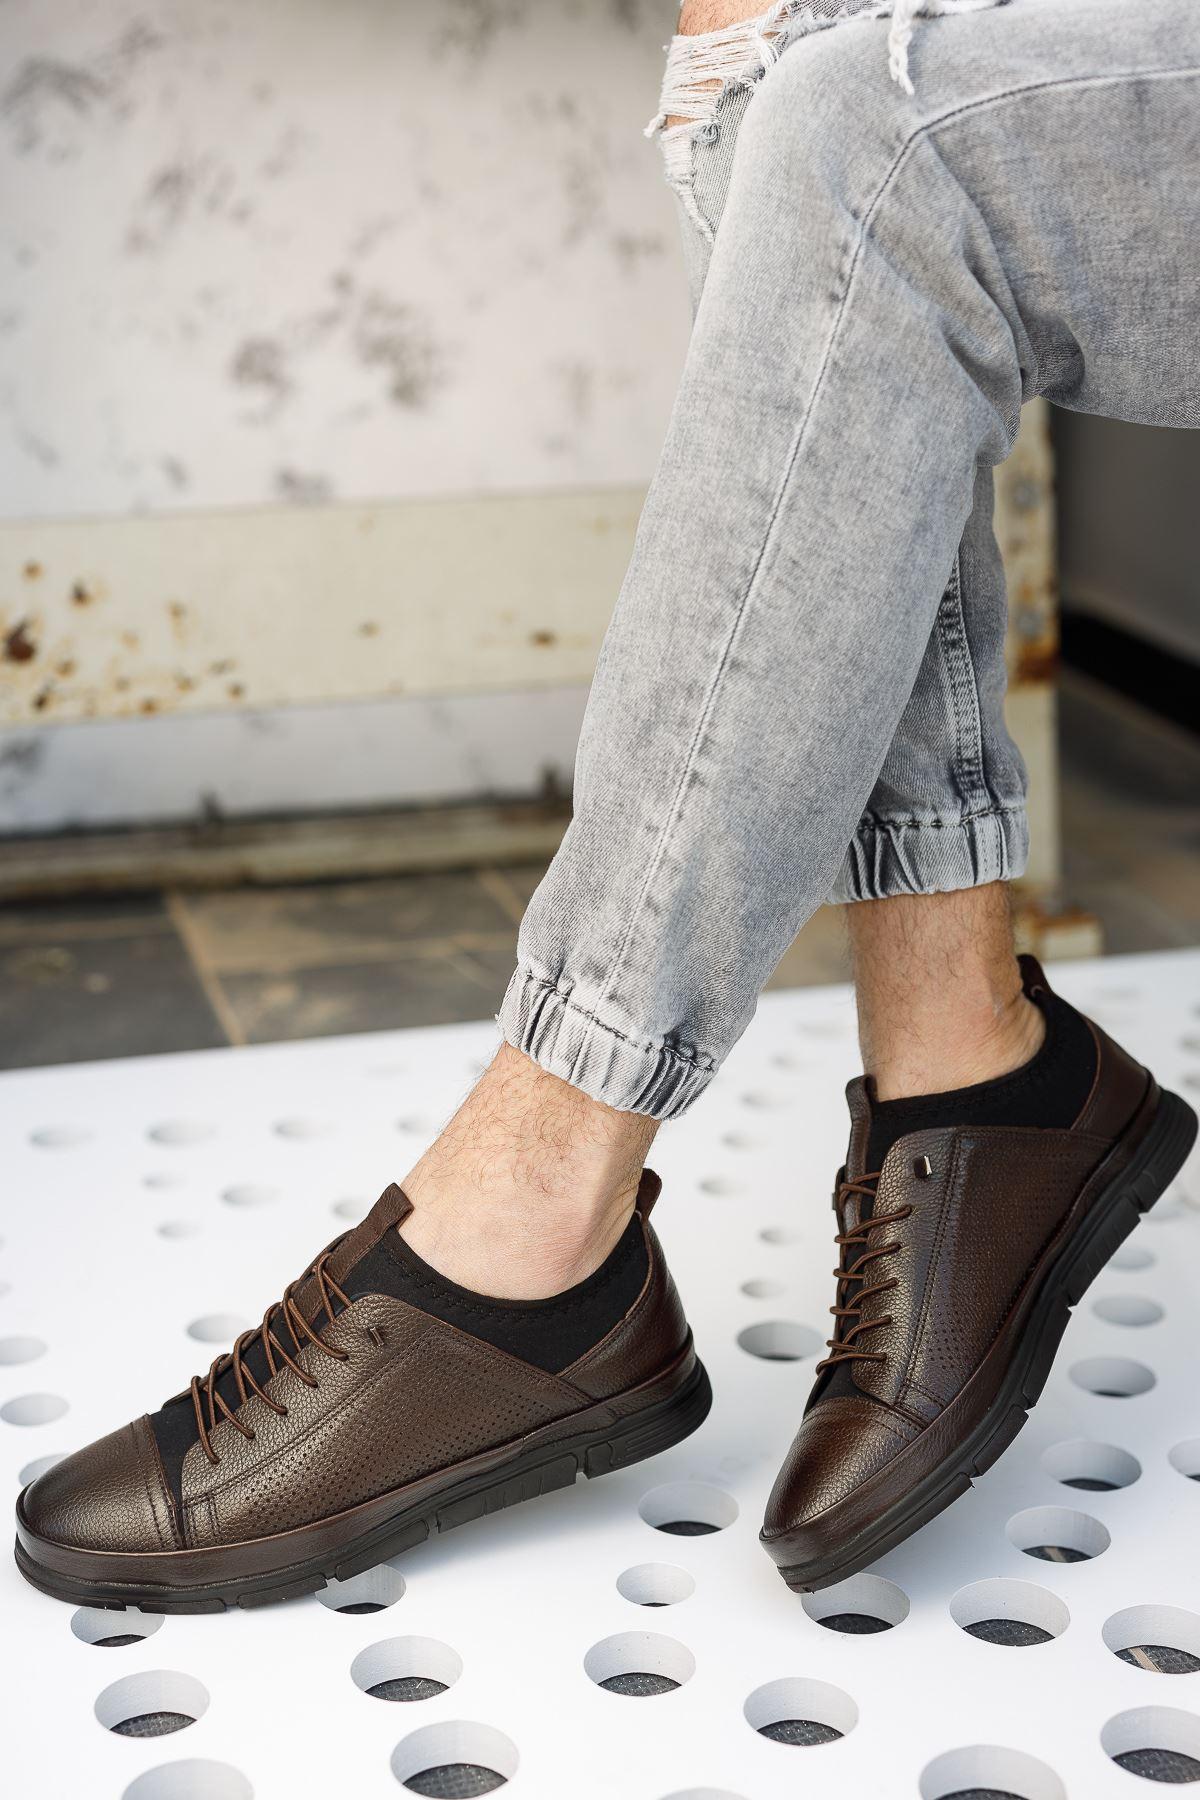 Lastik Bağcıklı Bilekten Streçli Kahverengi Deri Ayakkabı